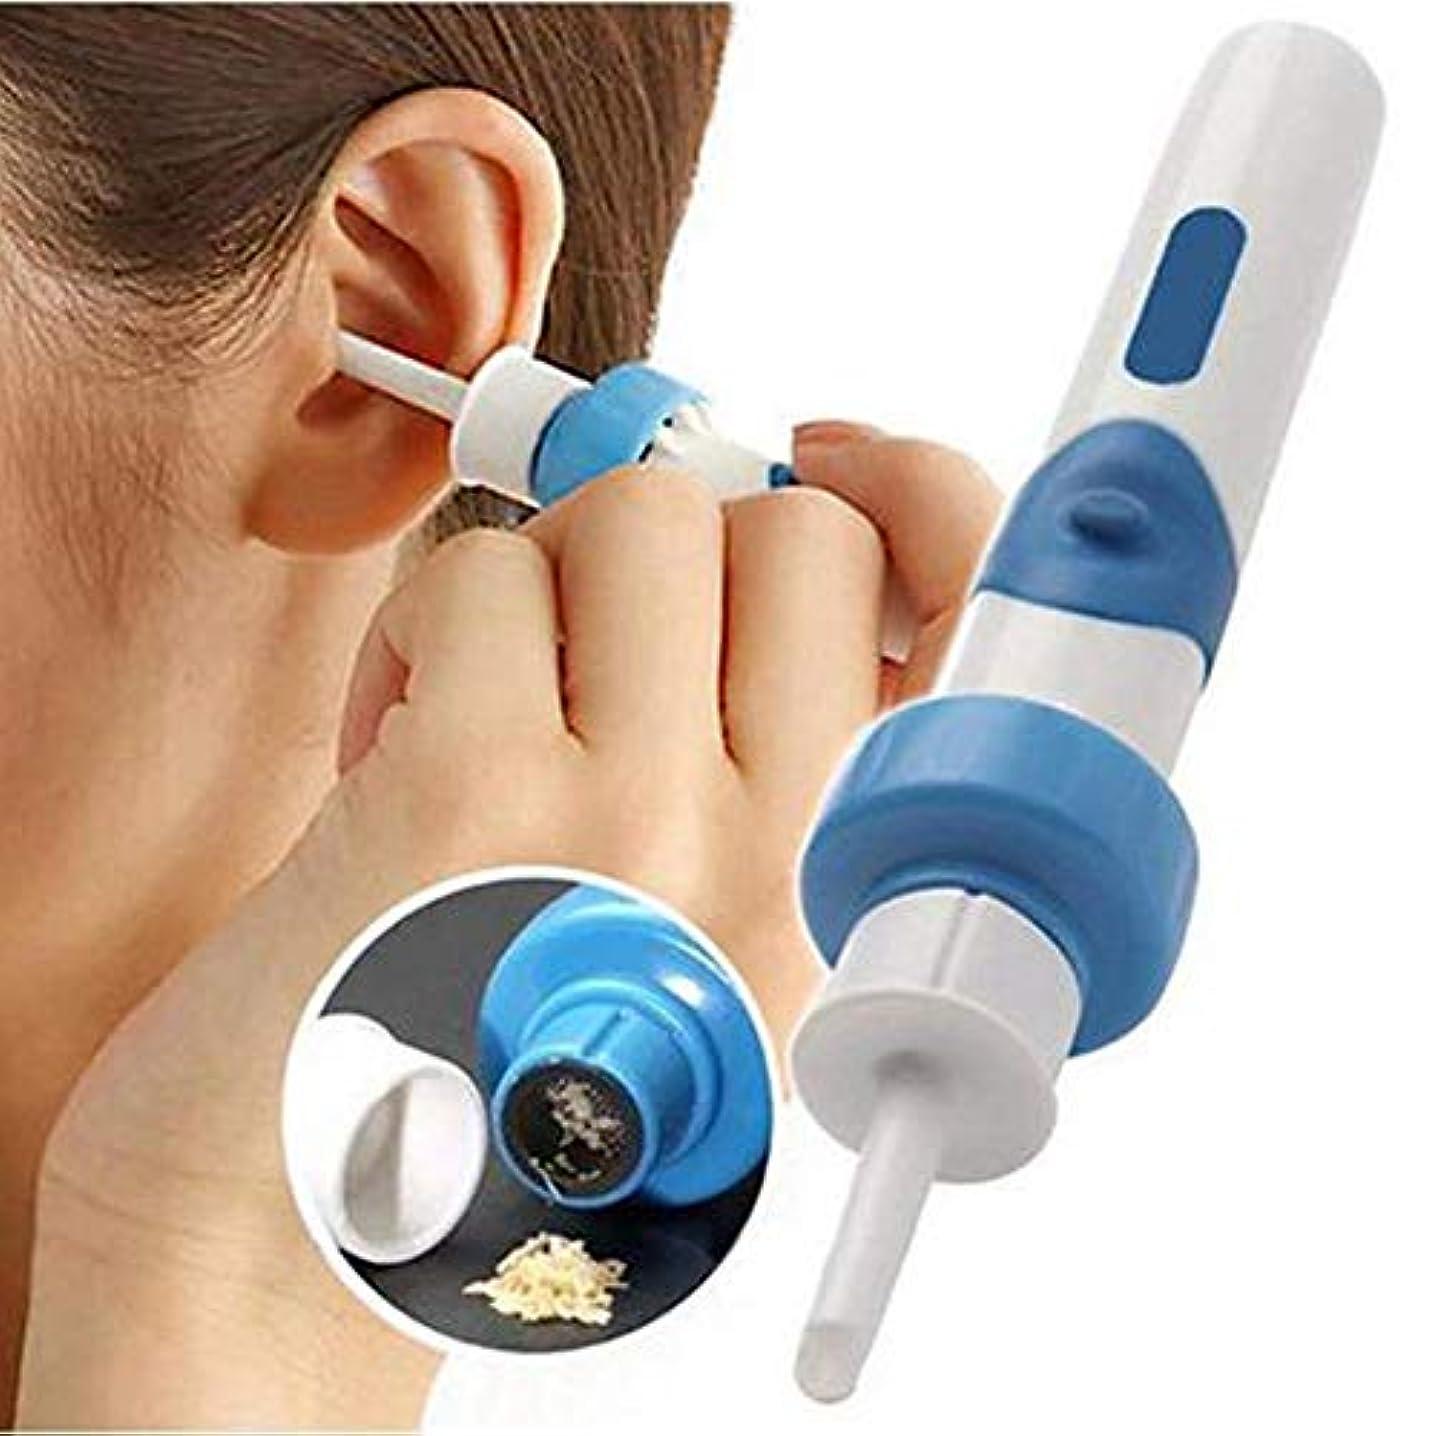 リラックスした豊かな能力Protable真空耳クリーナーマシン電子クリーニングの耳垢が耳かきクリーナーを防ぐ耳ピッククリーンツールケアを削除します。